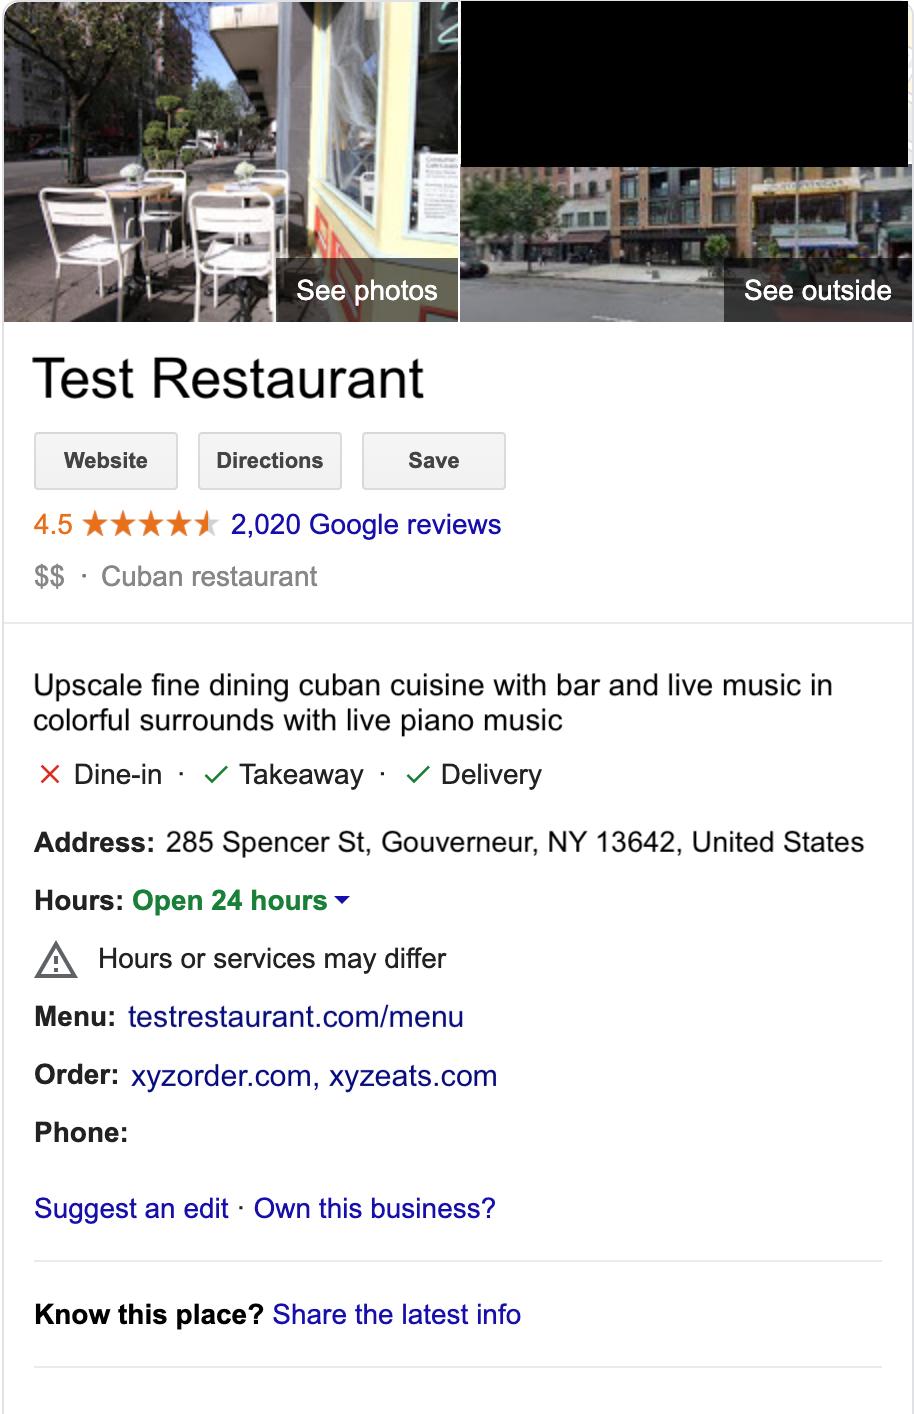 Enlace para que los usuarios lleven a cabo acciones en un sitio de prueba